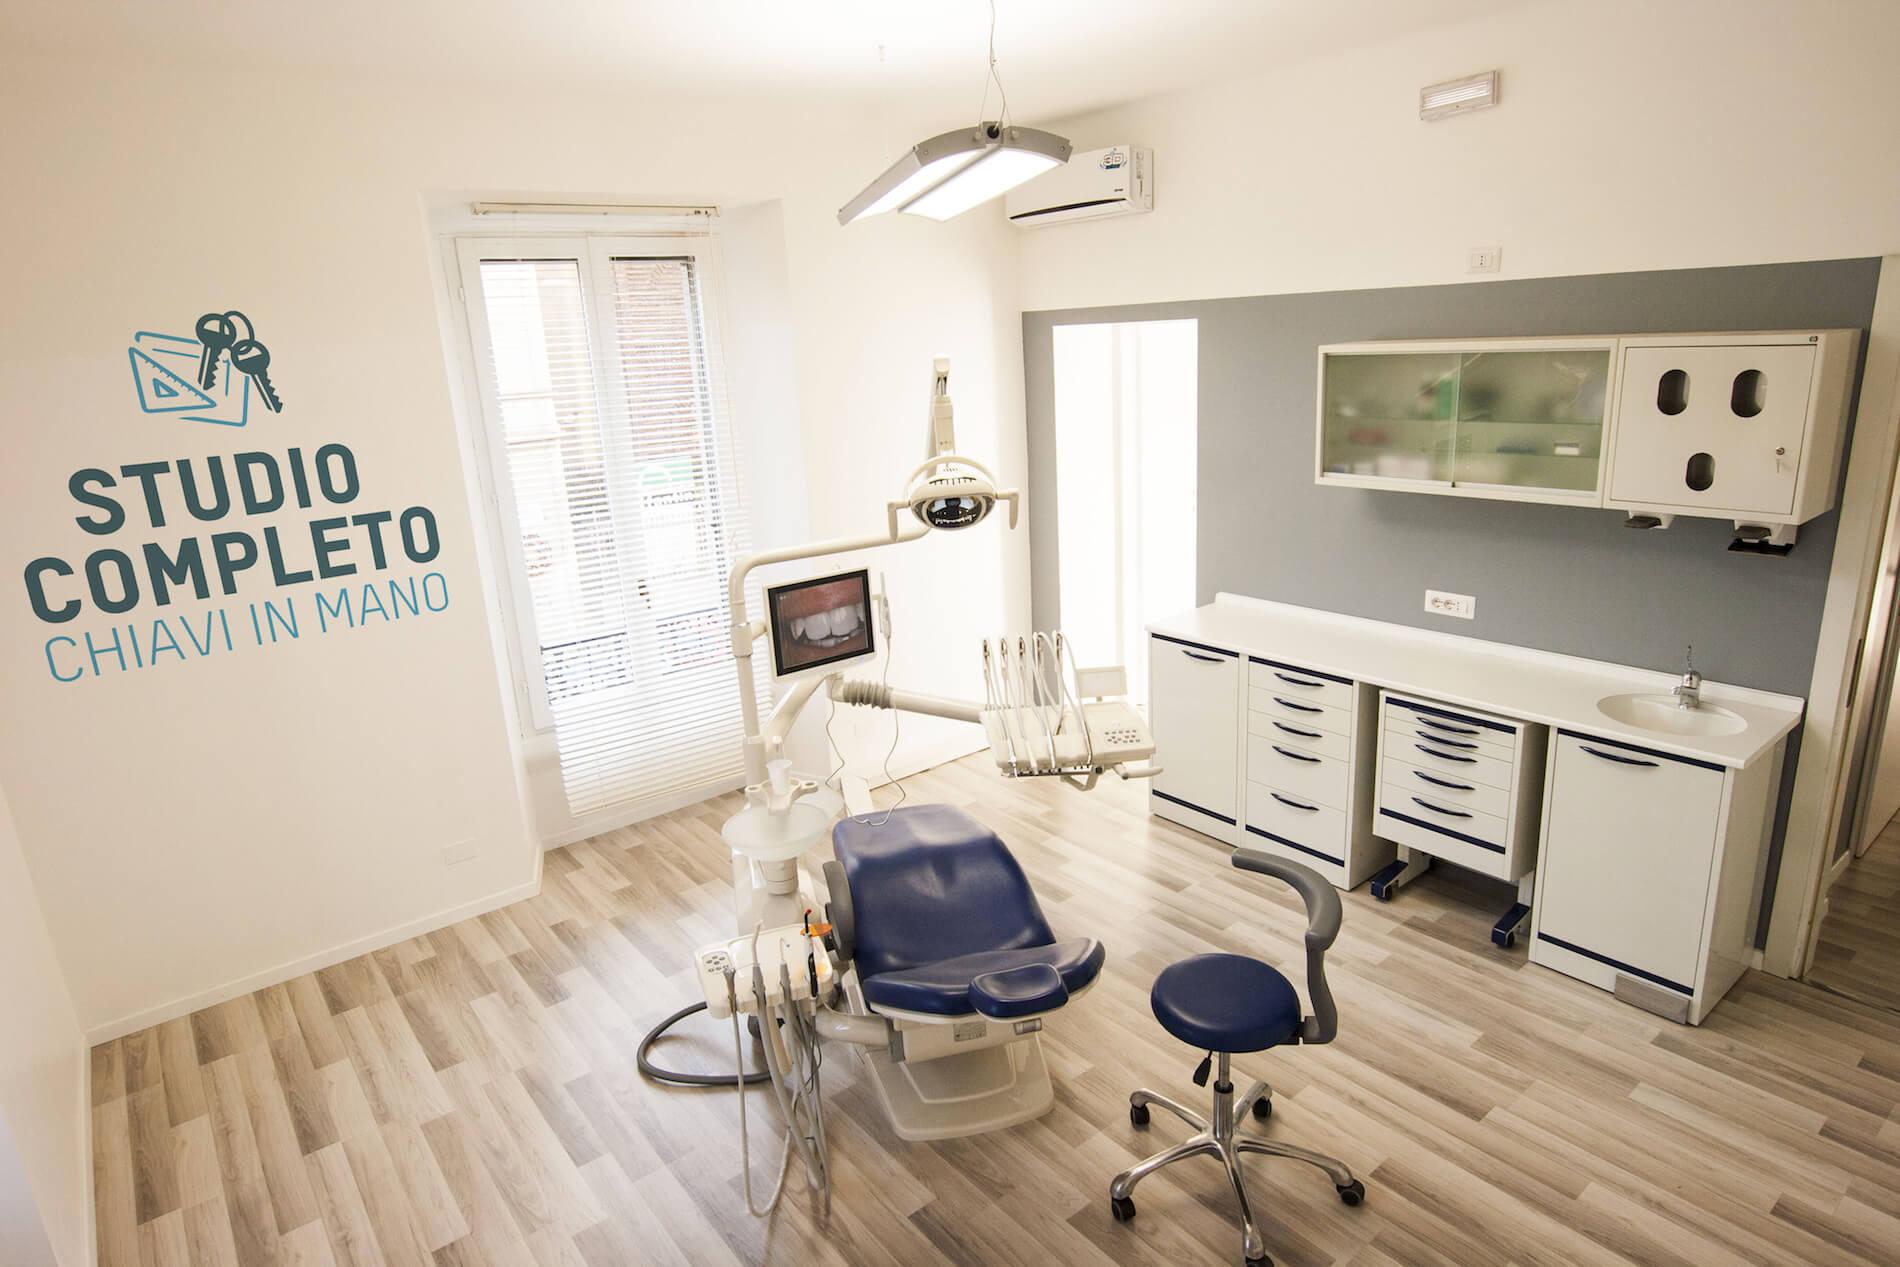 Plafoniere Per Studi Dentistici : Realizziamo studi dentistici chiavi in mano linea diretta srl